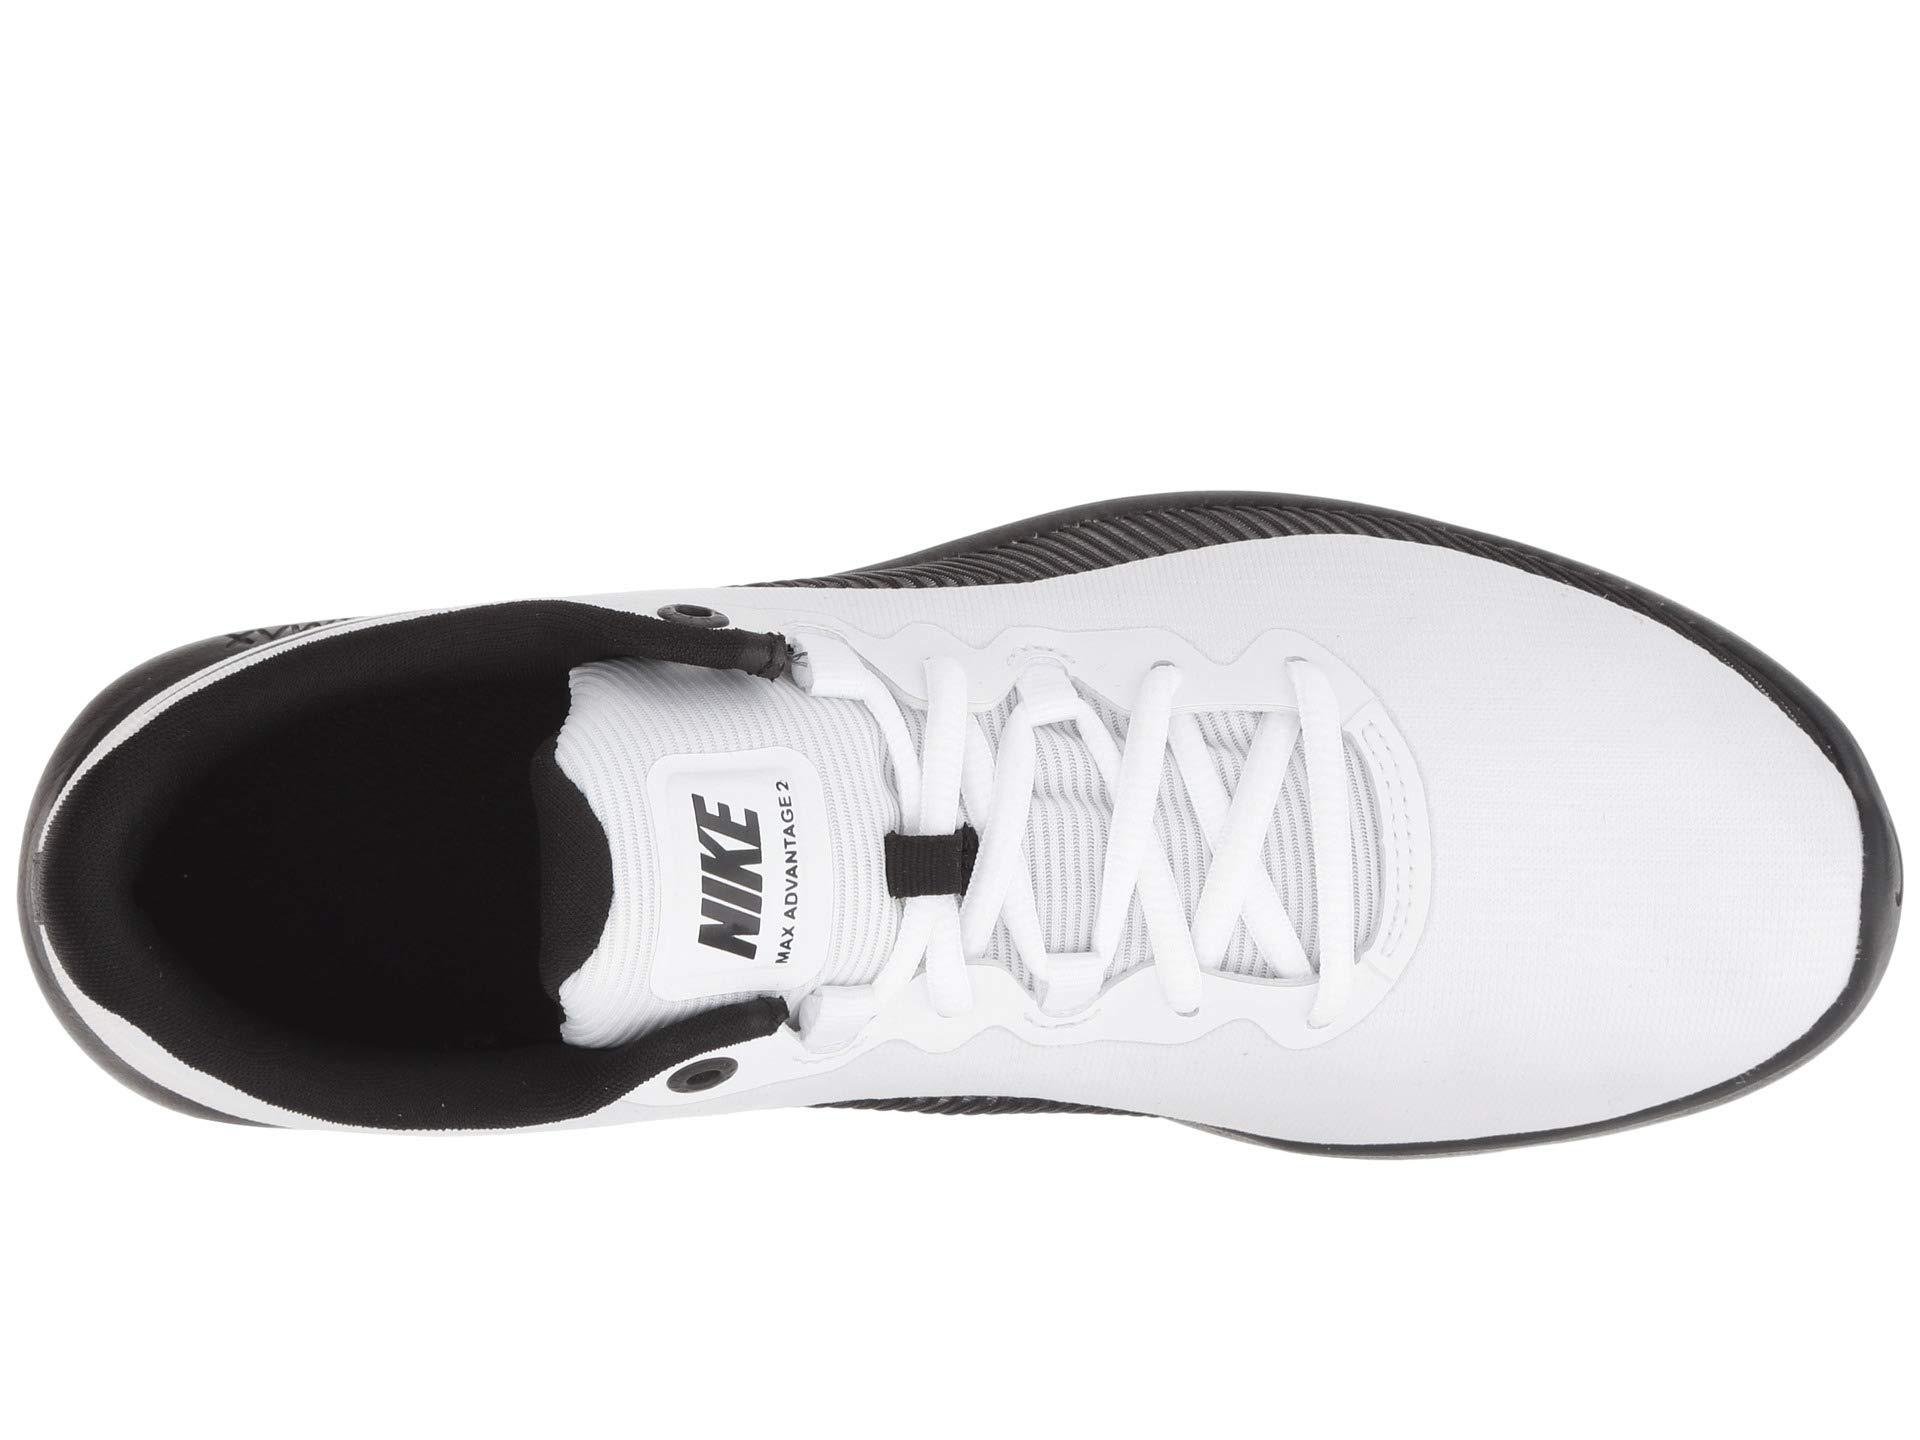 47aae642e71 Air 2 Lyst Nike blackmetallic Max Goldobsidian Advantage qx57A